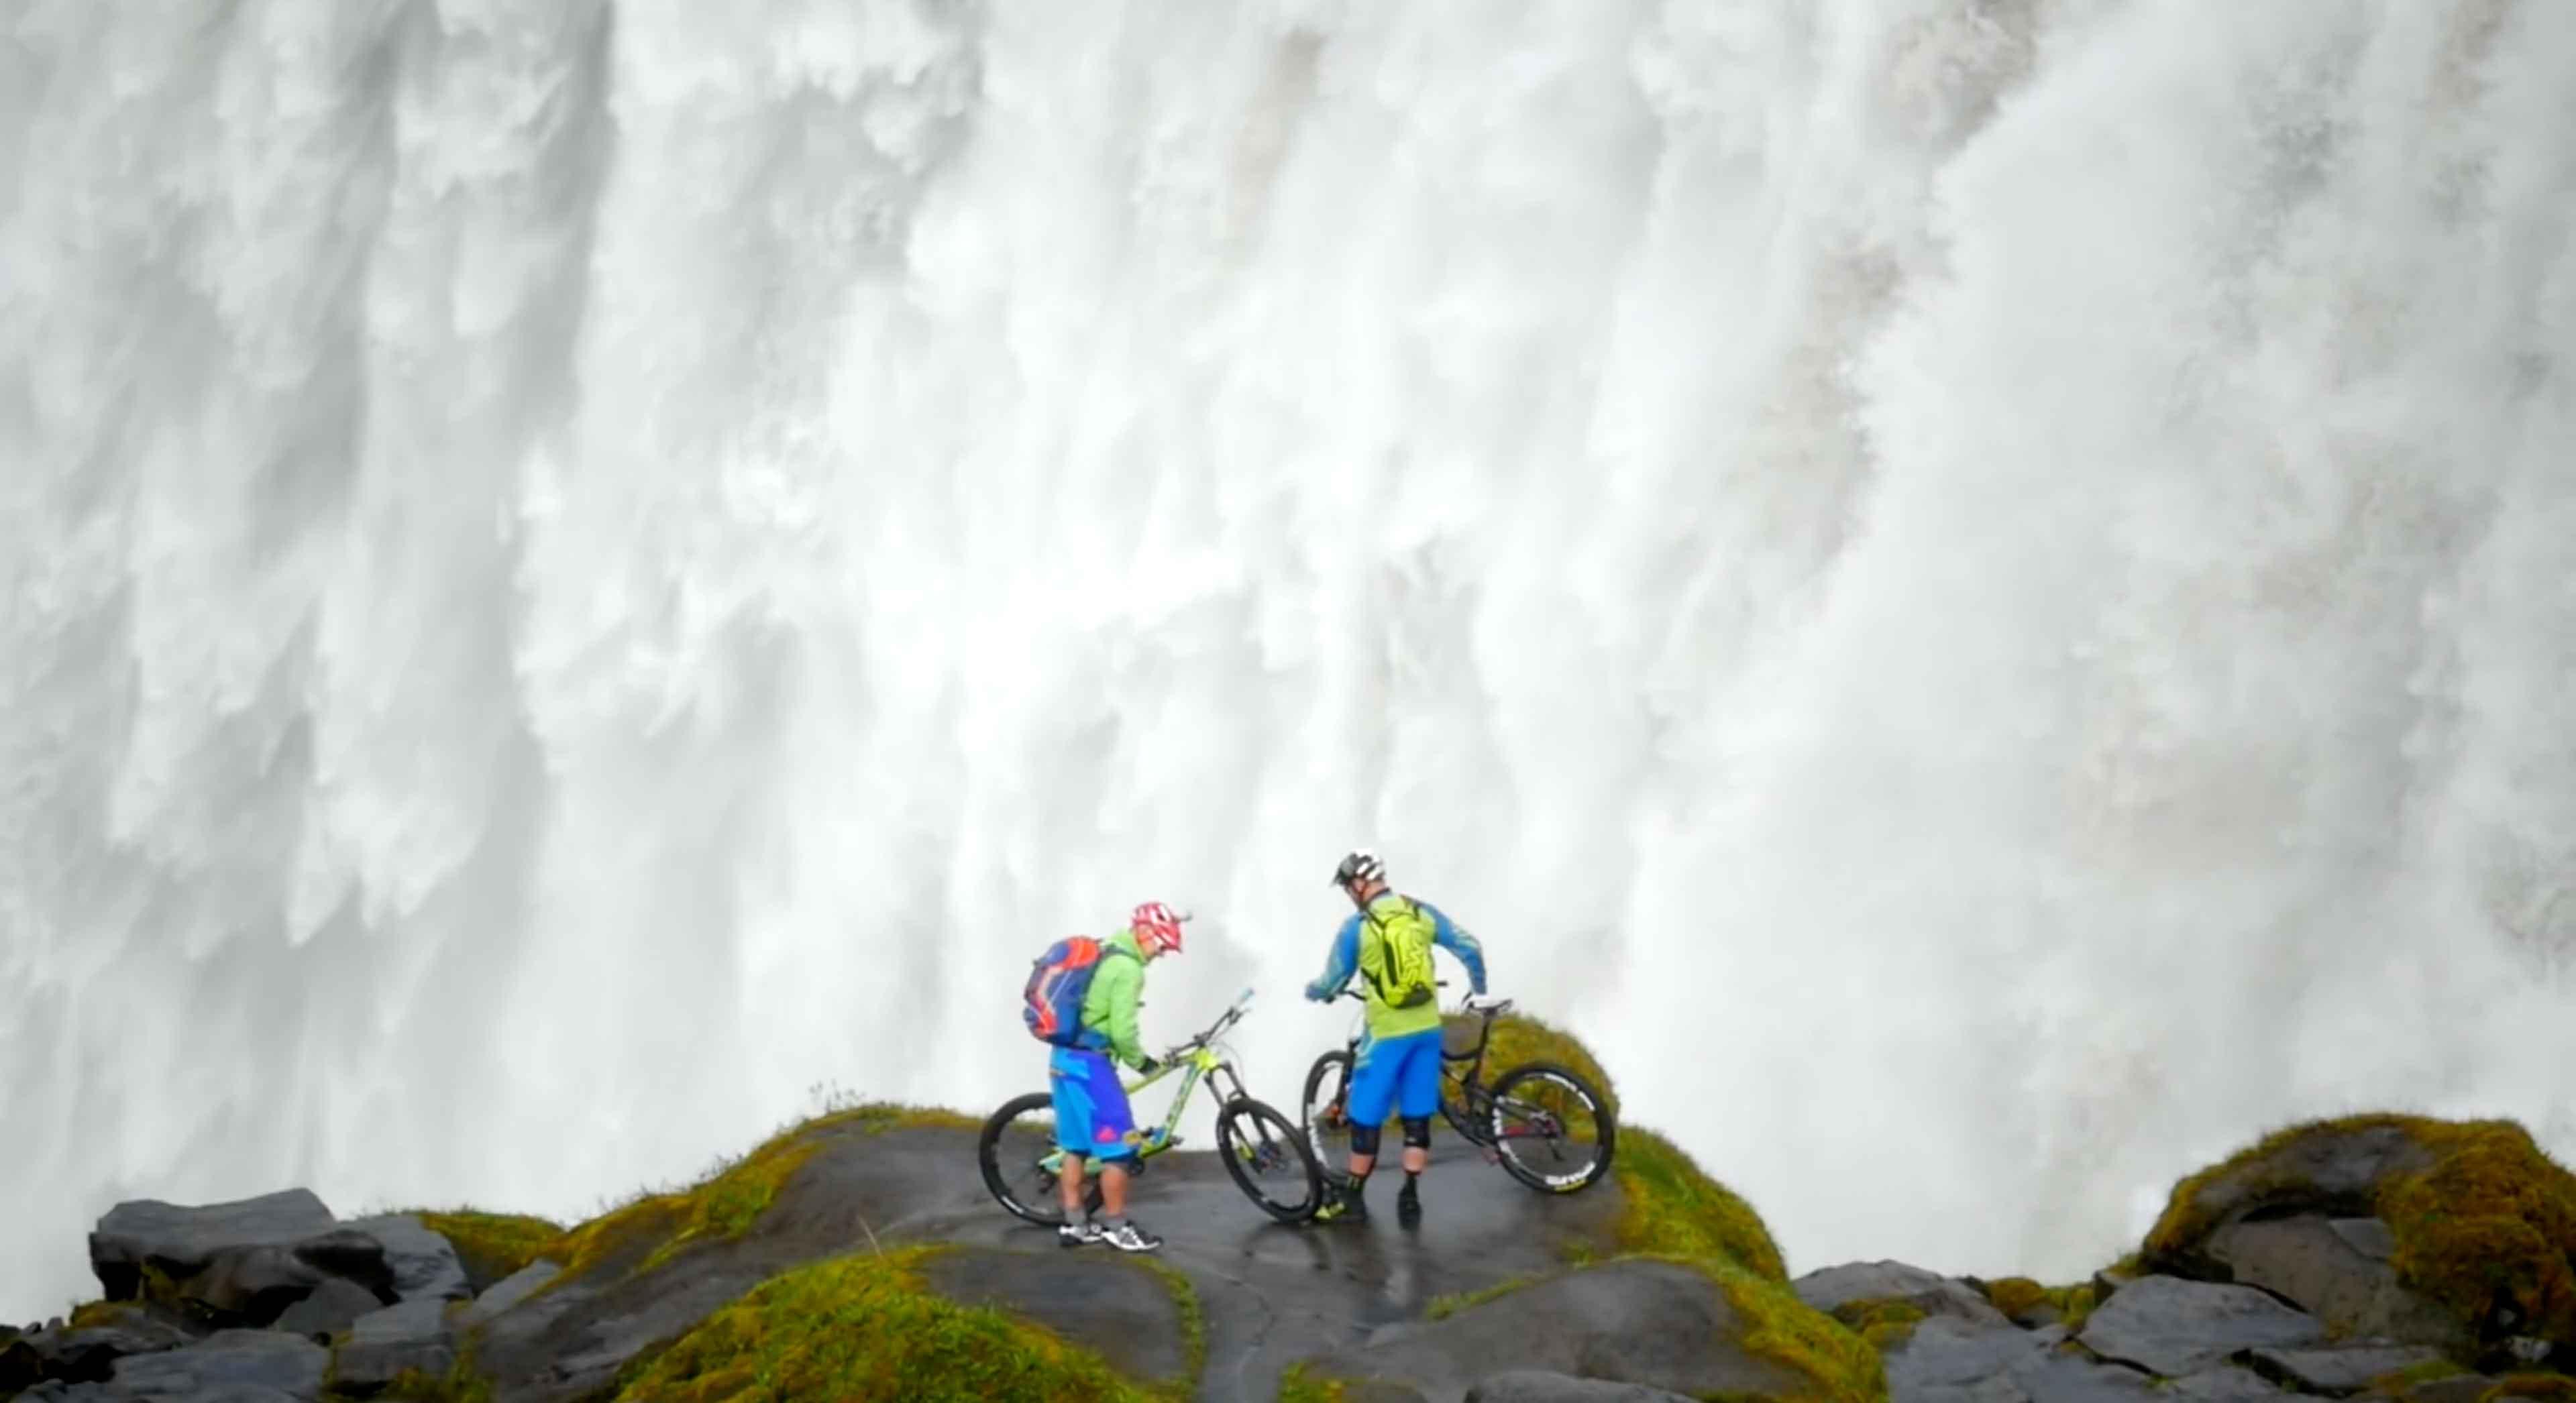 Grote waterval met 2 mountainbikers ervoor